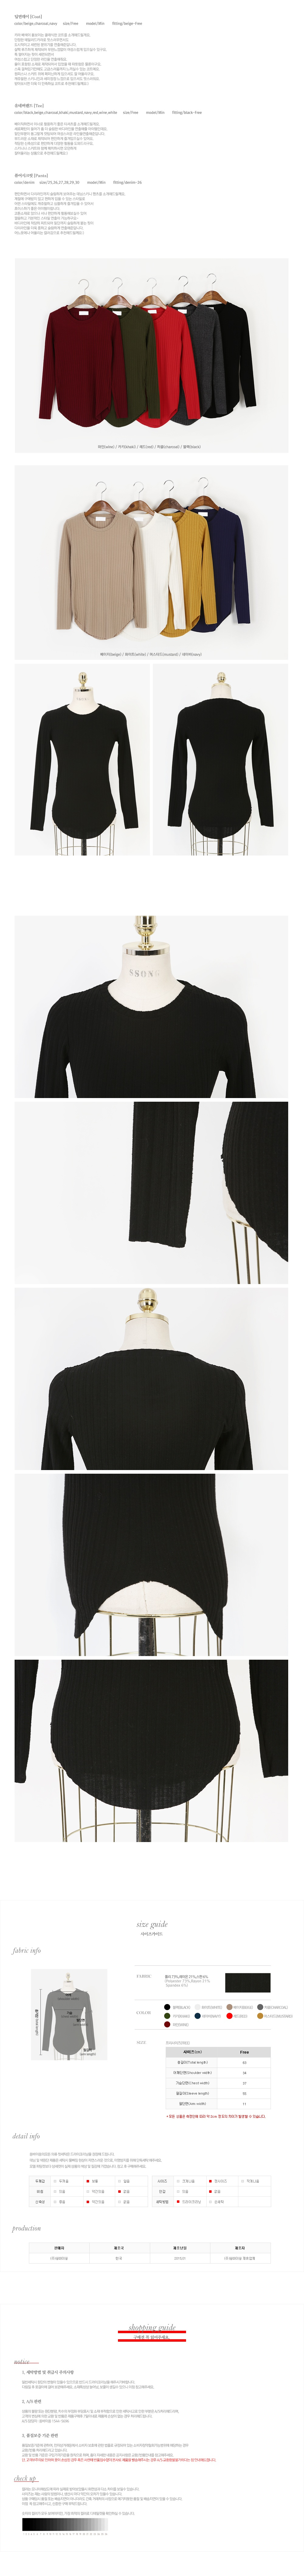 韩国代购正品-ssongbyssong-简约纯色修身淑女t恤 2015年01月24日新款